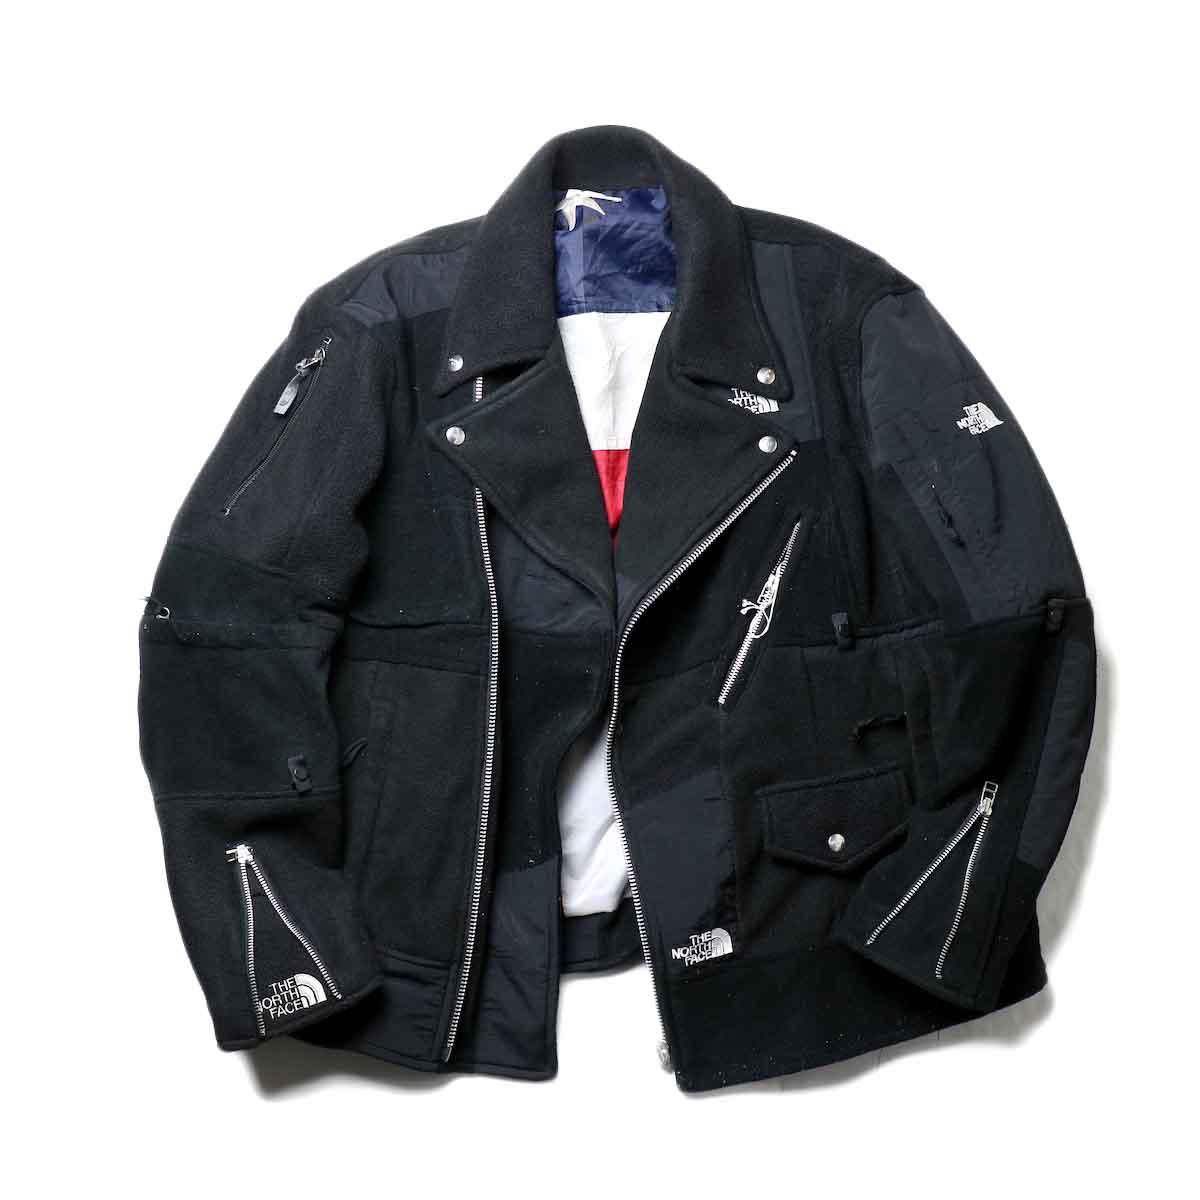 OLD PARK / Oversized Riders Jacket -Outdoor zip開閉